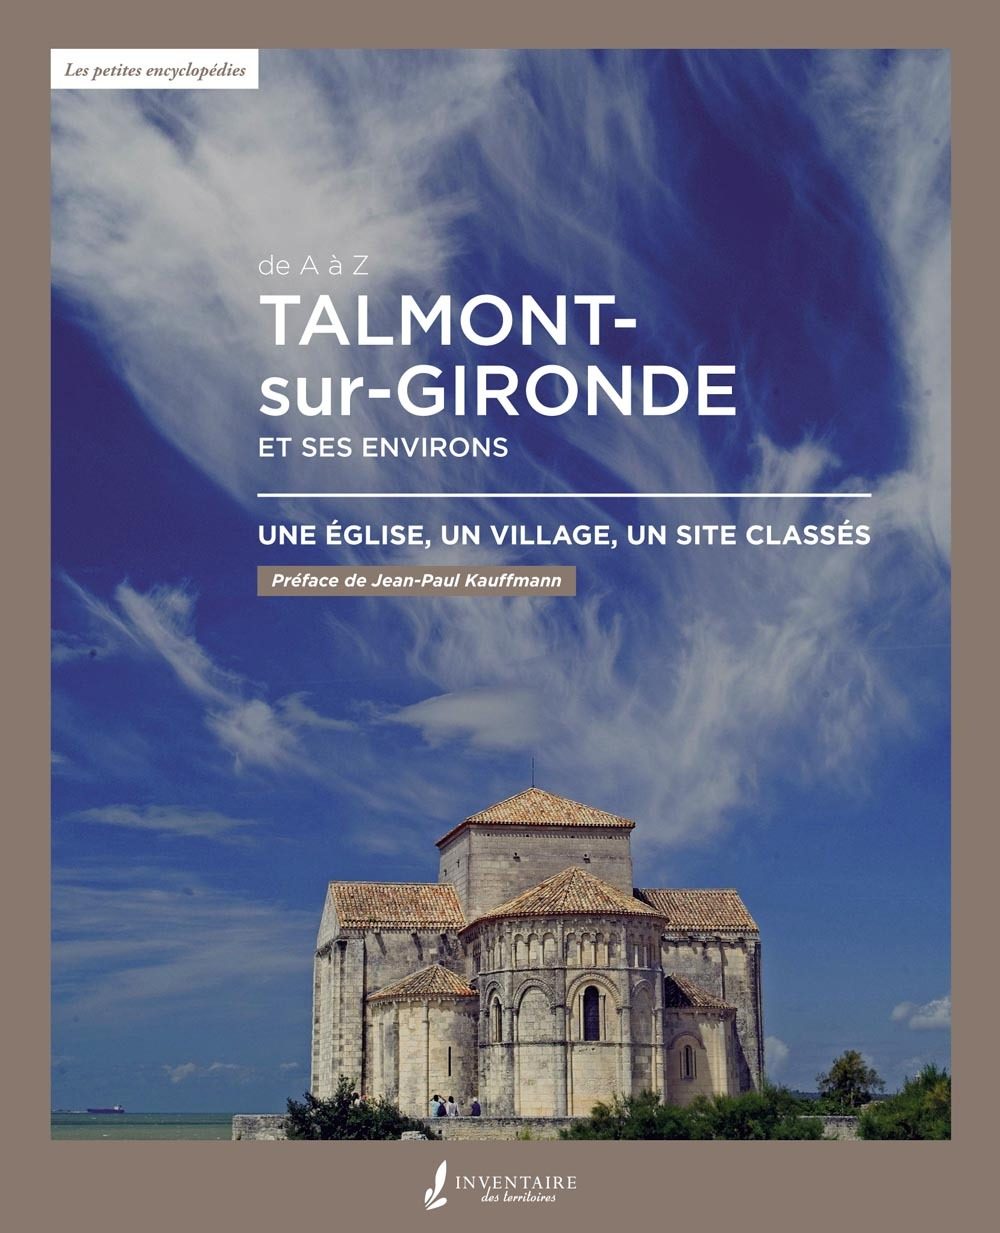 TALMONT-SUR-GIRONDE ET SES ENVIRONS